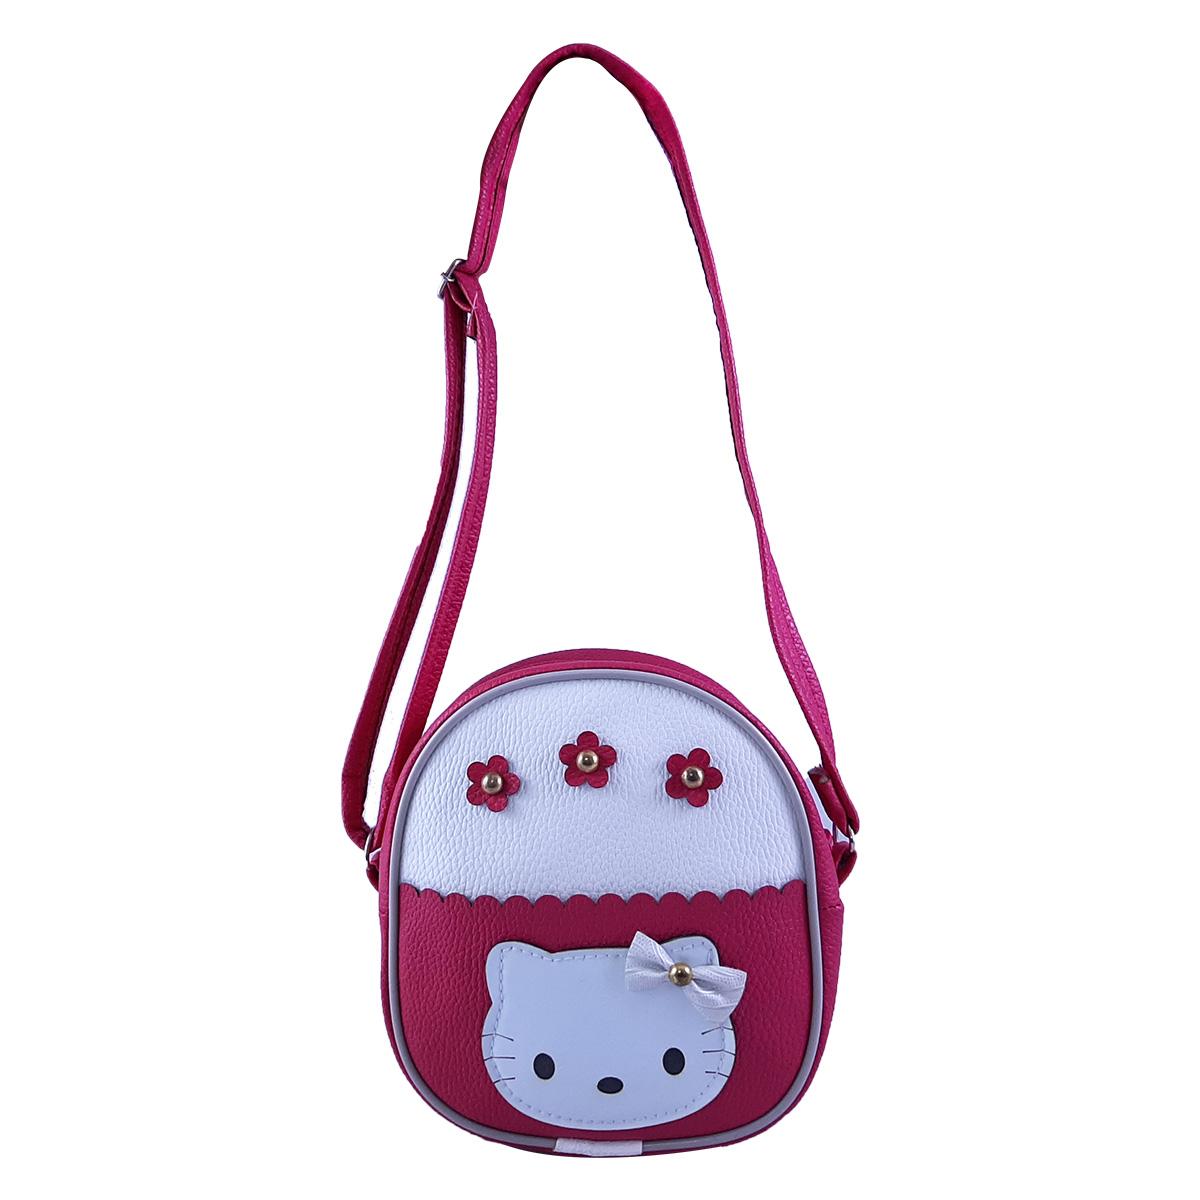 کیف دوشی دخترانه کد 001